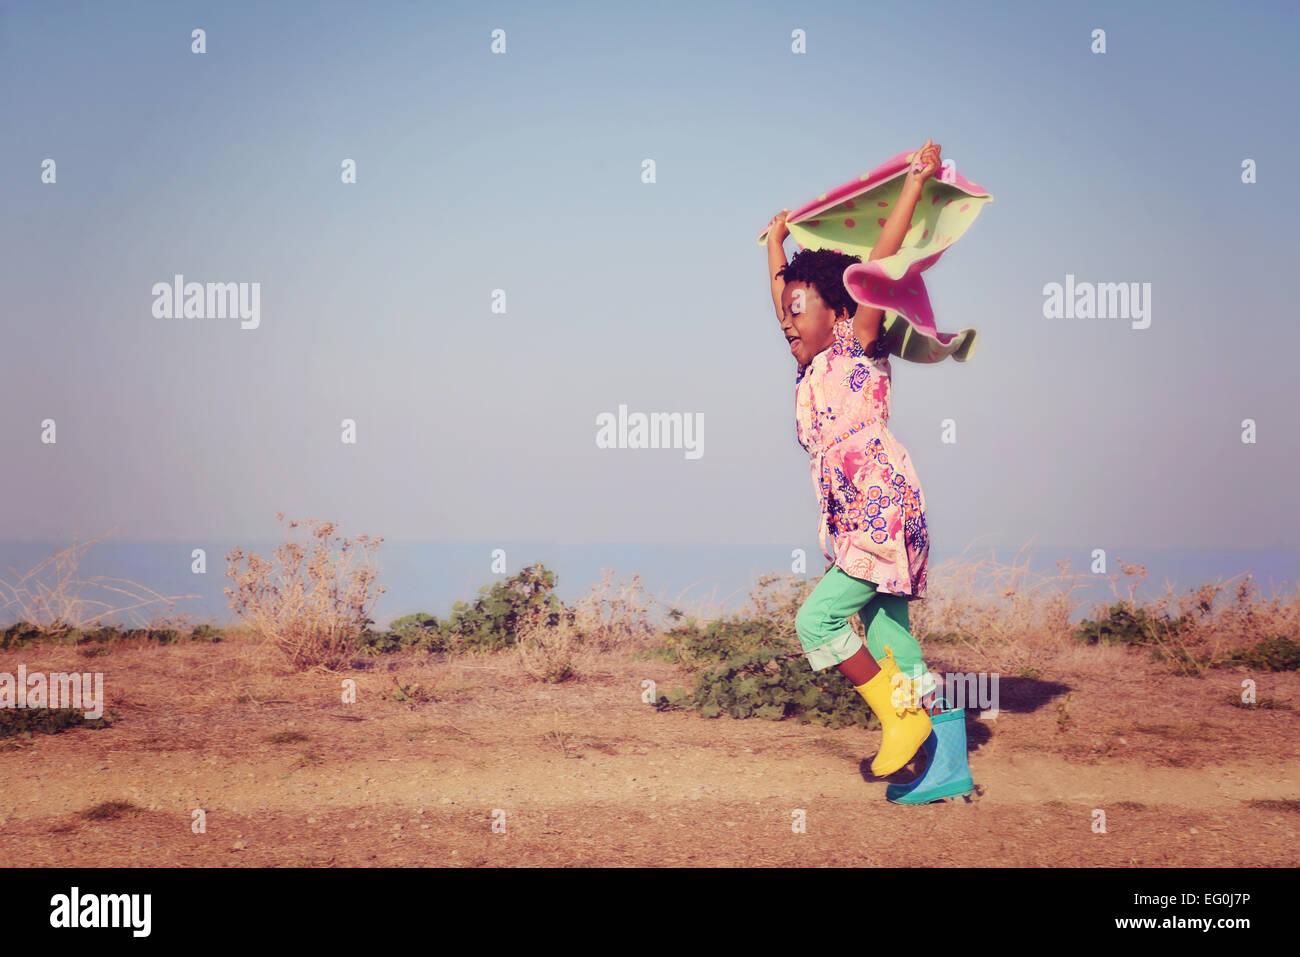 Foulard fille courir tenant au-dessus de sa tête Banque D'Images